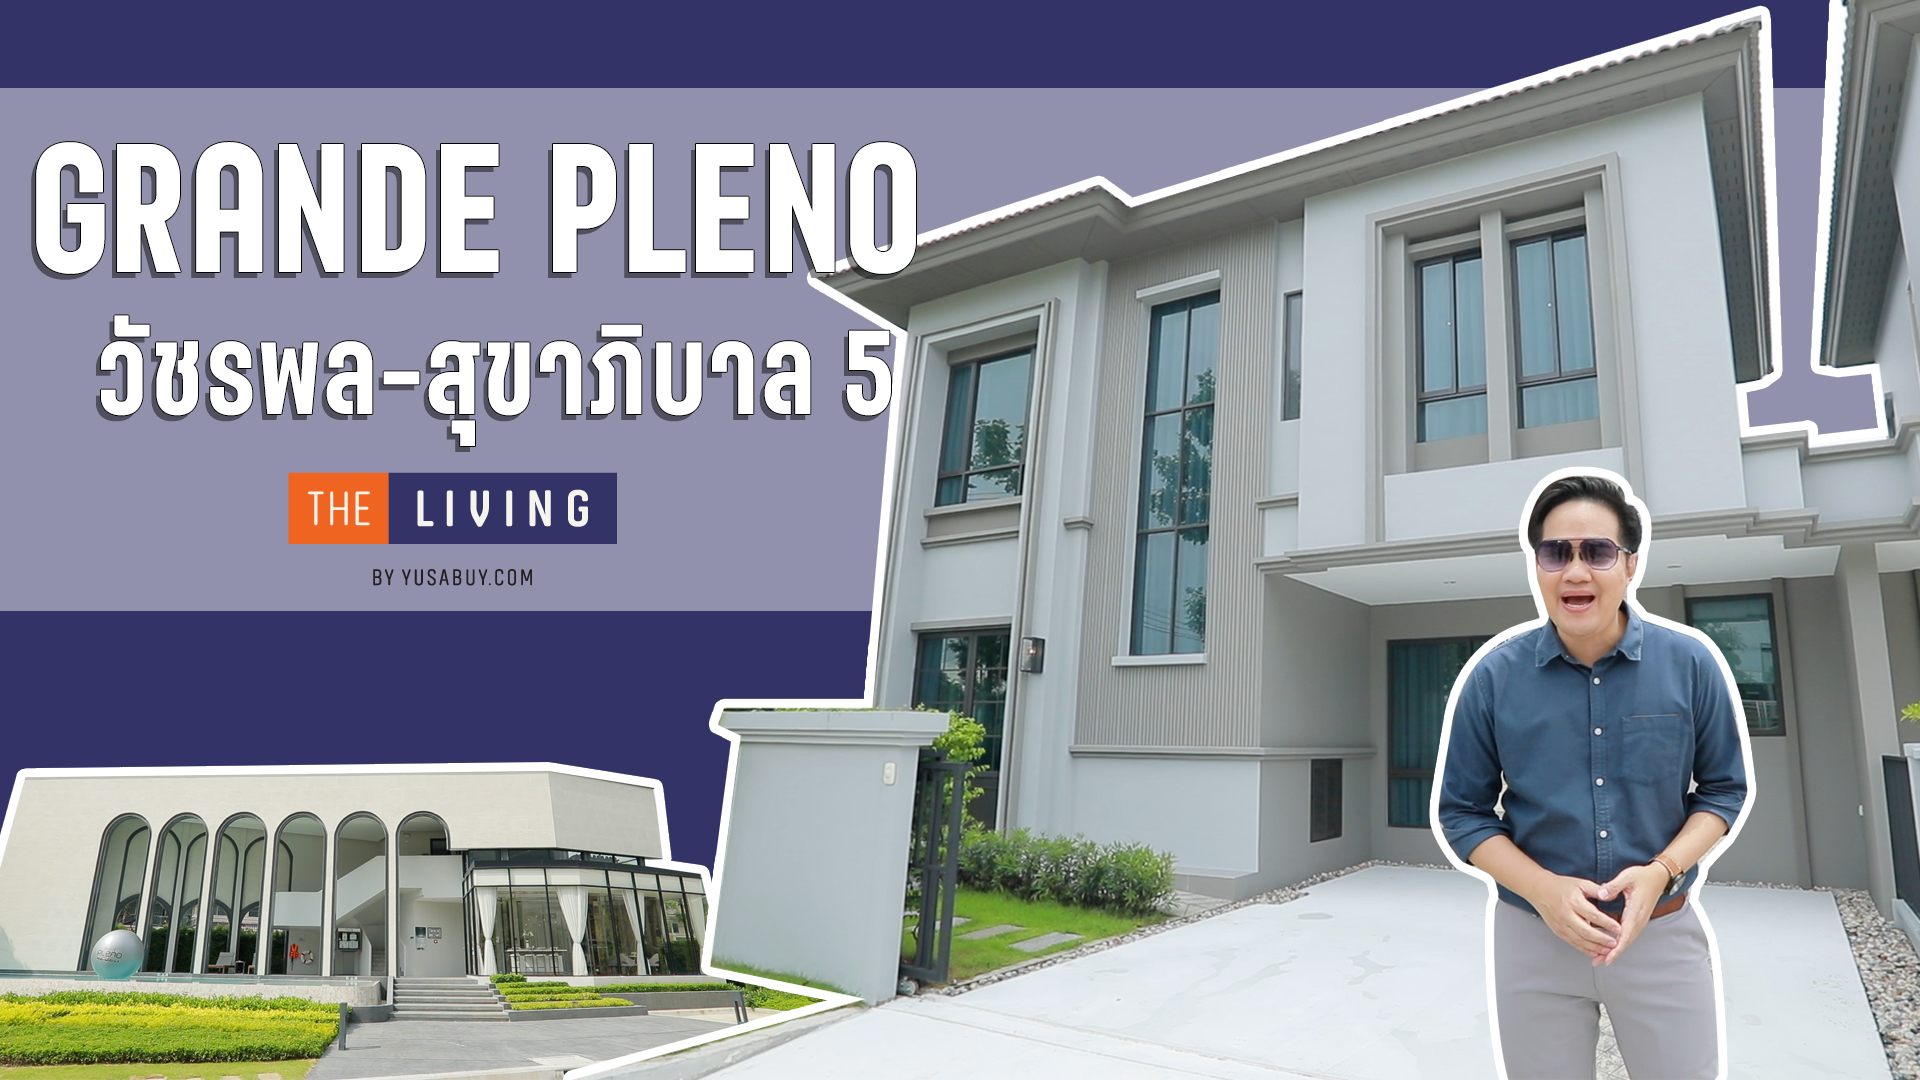 รีวิว โครงการ Grande Pleno วัชรพล-สุขาภิบาล 5 บ้านและทาวน์โฮมสำหรับคนรุ่นใหม่ ในแพคเกจราคาที่ยังจับต้องได้ไม่ลำบาก